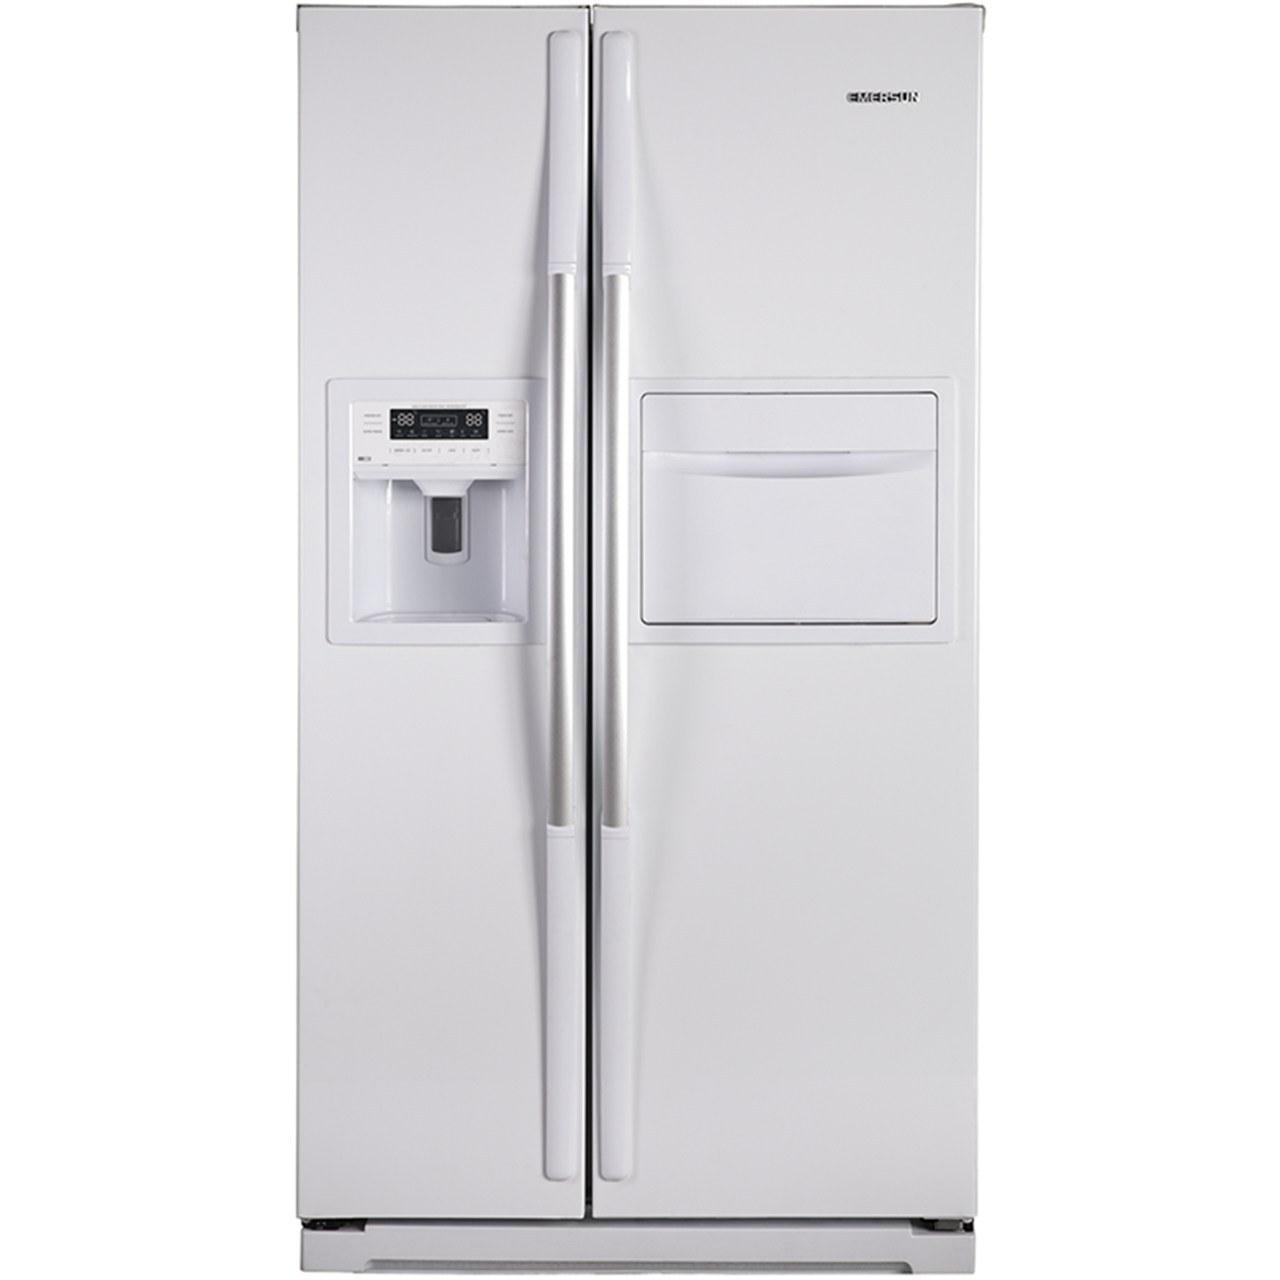 تصویر یخچال فریزر ساید بای ساید 32فوت امرسان ابسردکن دار و بار سفید مدل NRF3292D Emersun NRF3292D Refrigerator